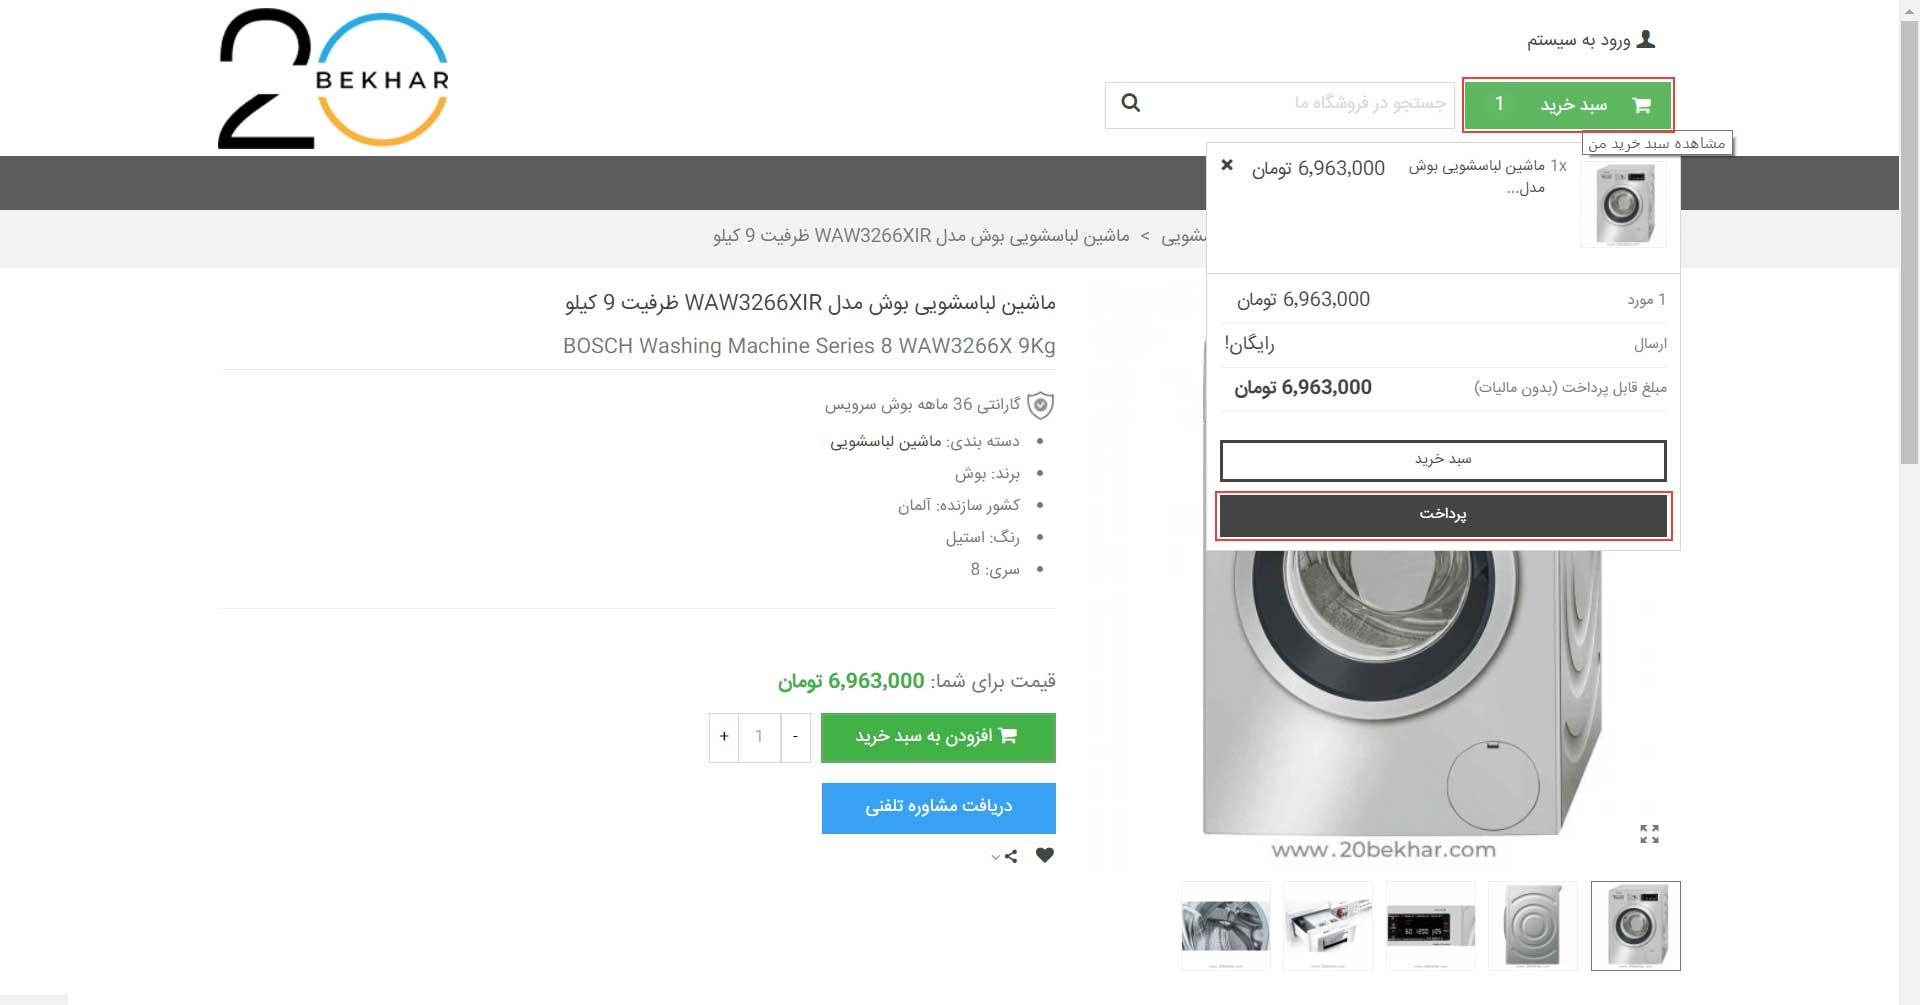 راهنمای خرید از فروشگاه آنلاین 20 بخر-مرحله دوم